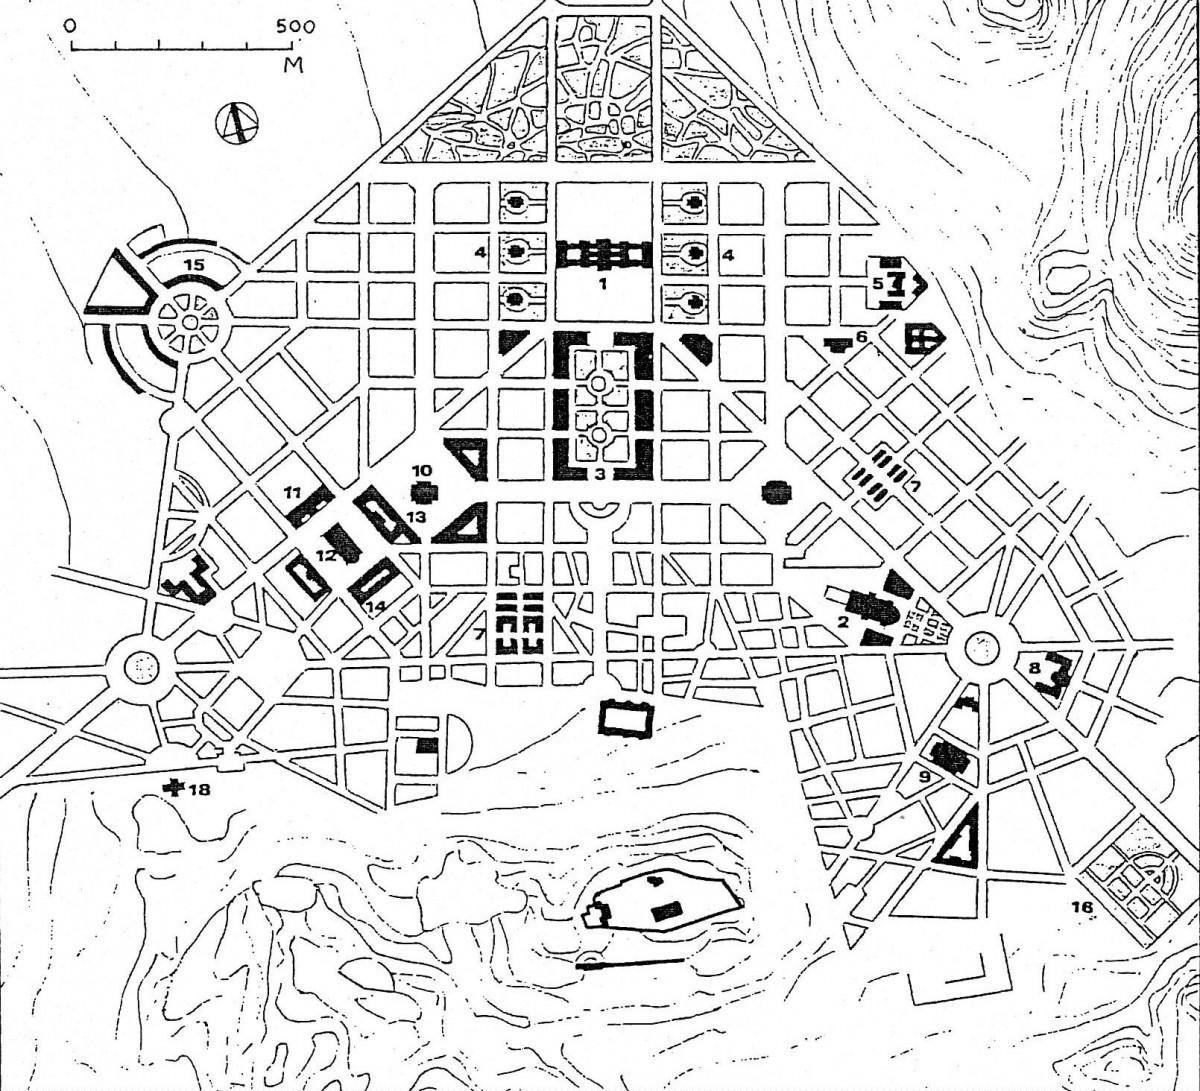 Εικ. 2. Το σχέδιο των Σταμάτη Κλεάνθη και Eduard Schaubert (ανασχεδίαση Δ. Ρουμπιέν). Βλ. Υπομνήματα Εικόνων.